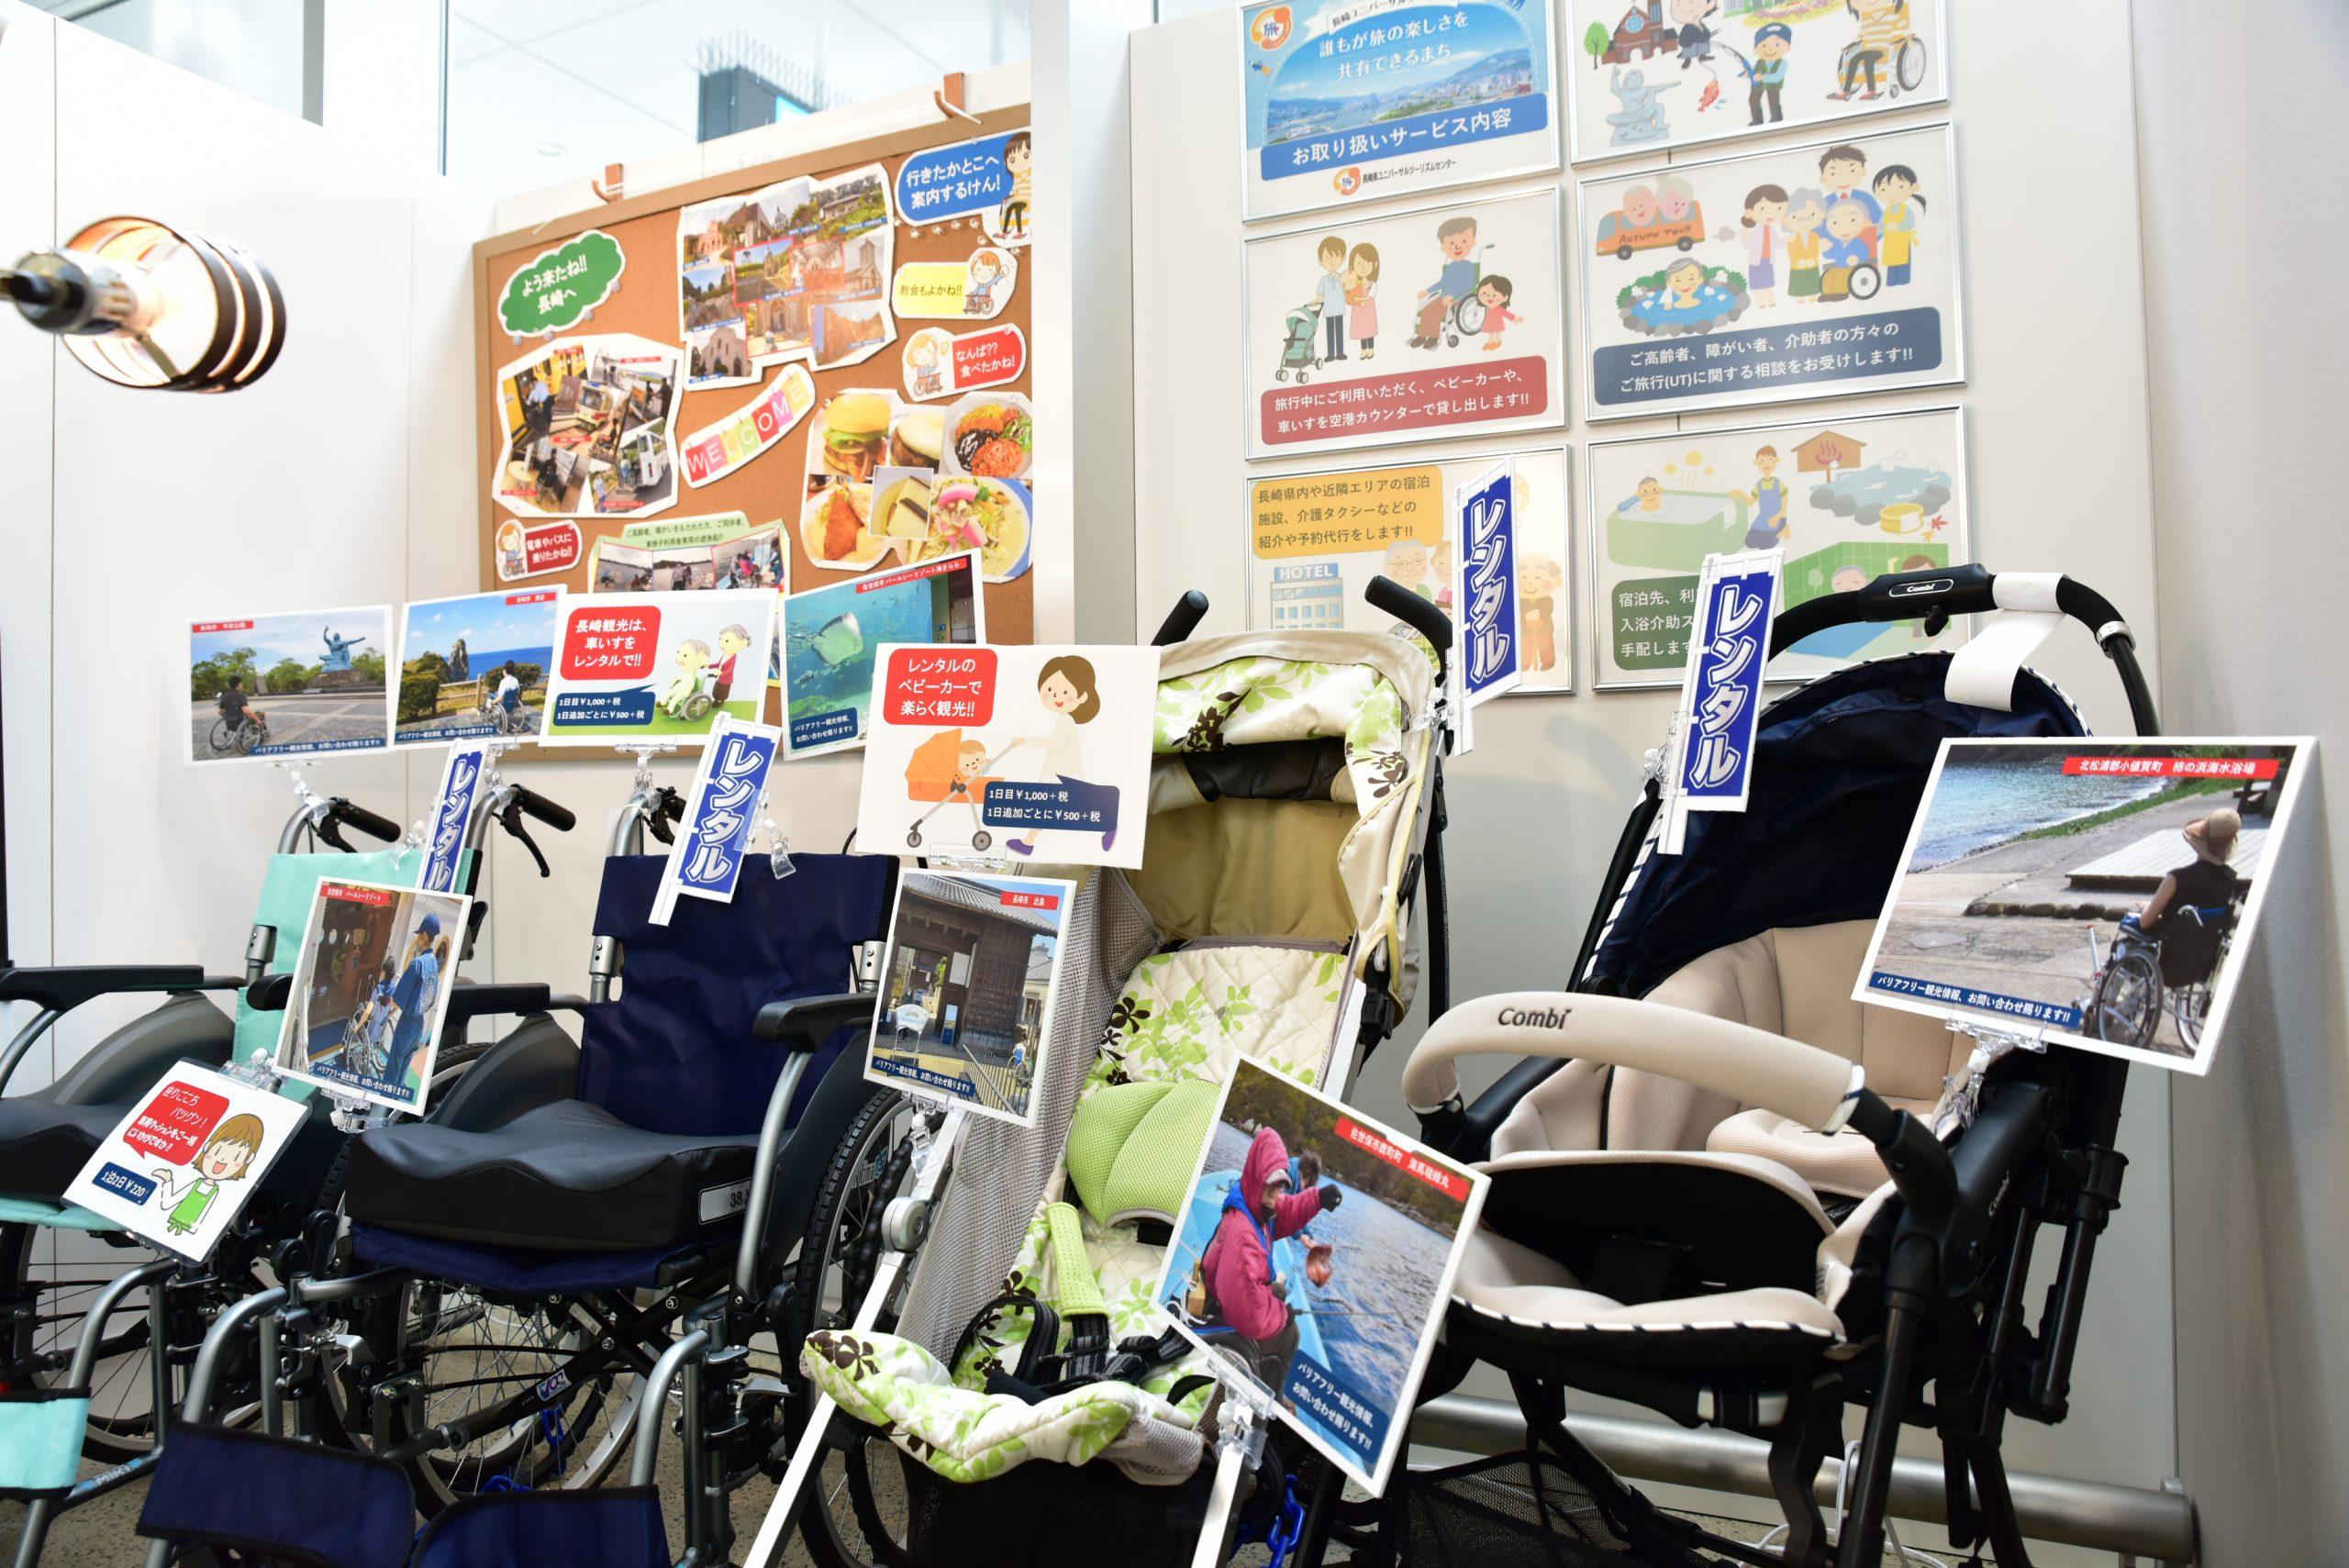 長崎県ユニバーサルツーリズムセンターのサービス内容